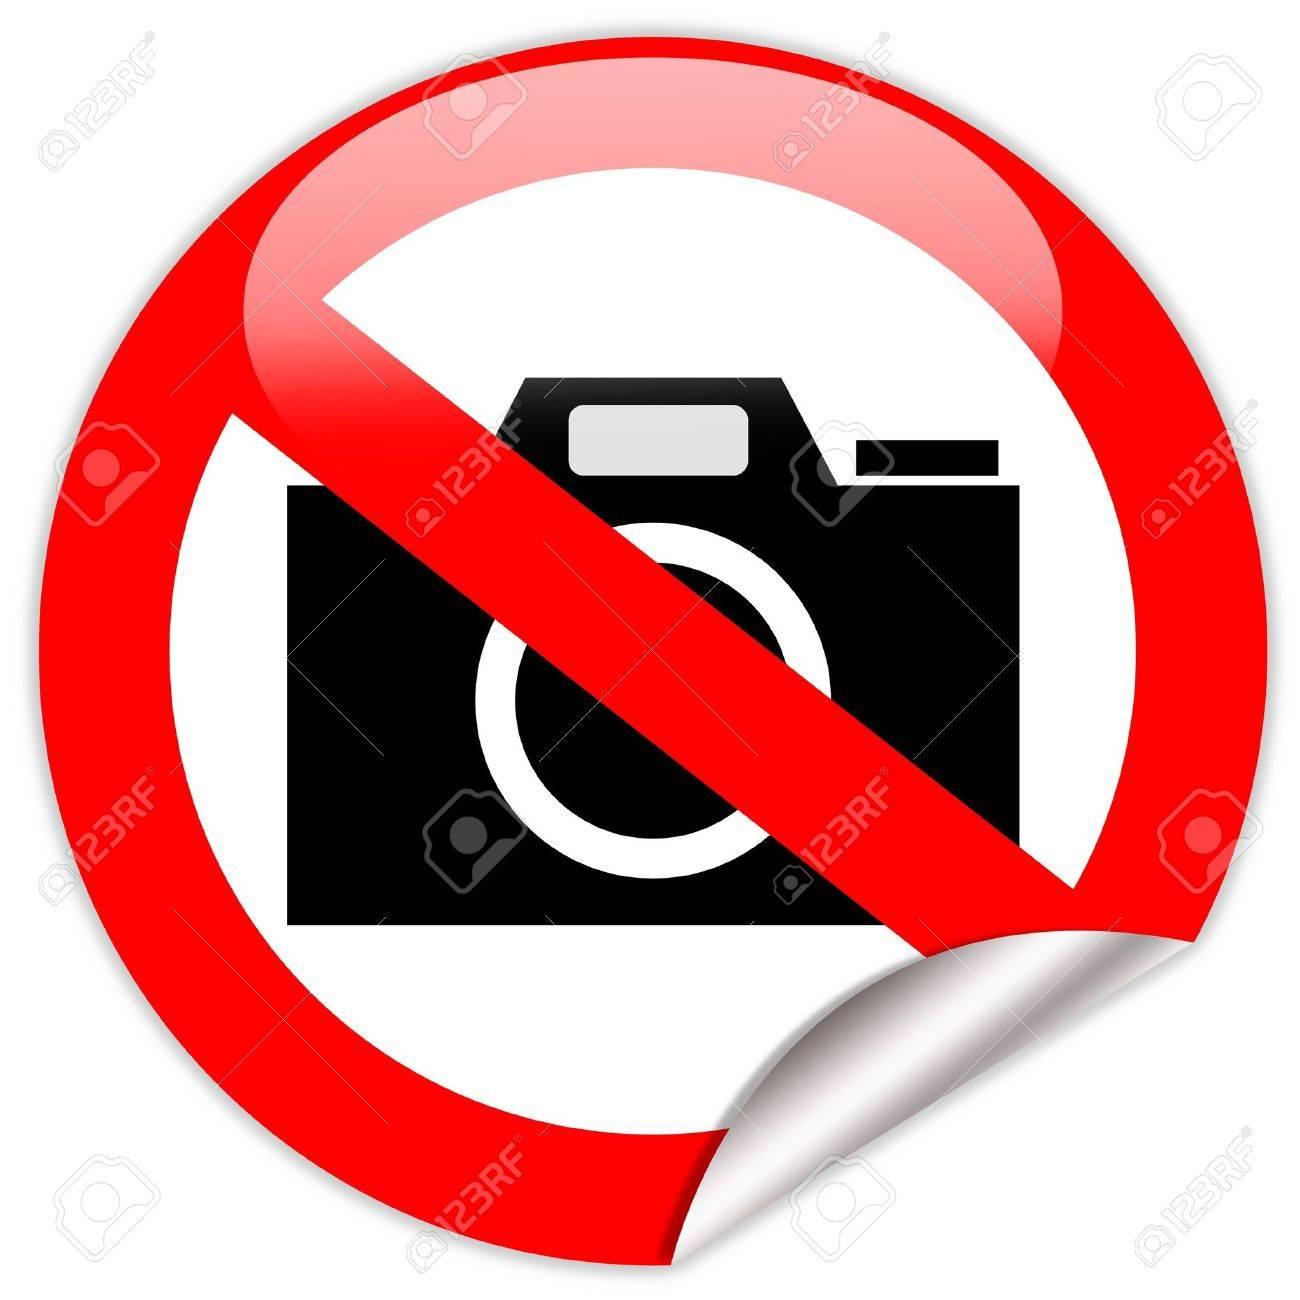 No photo camera shiny sign Stock Photo - 8222749